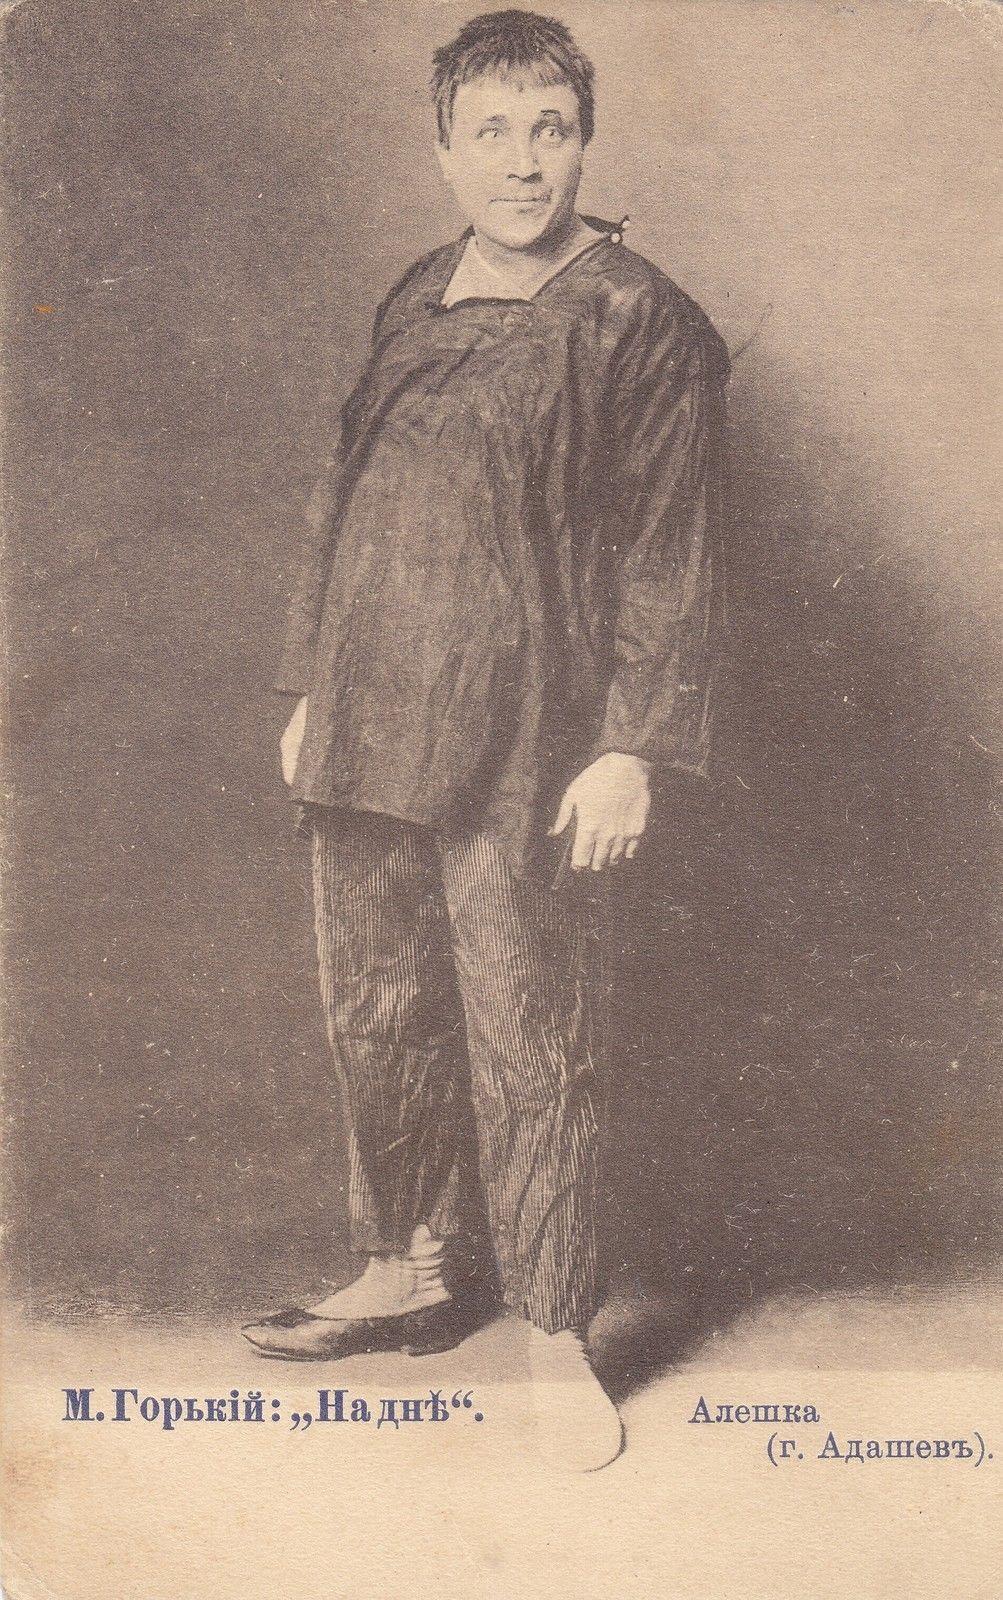 Алешка (Адашев)